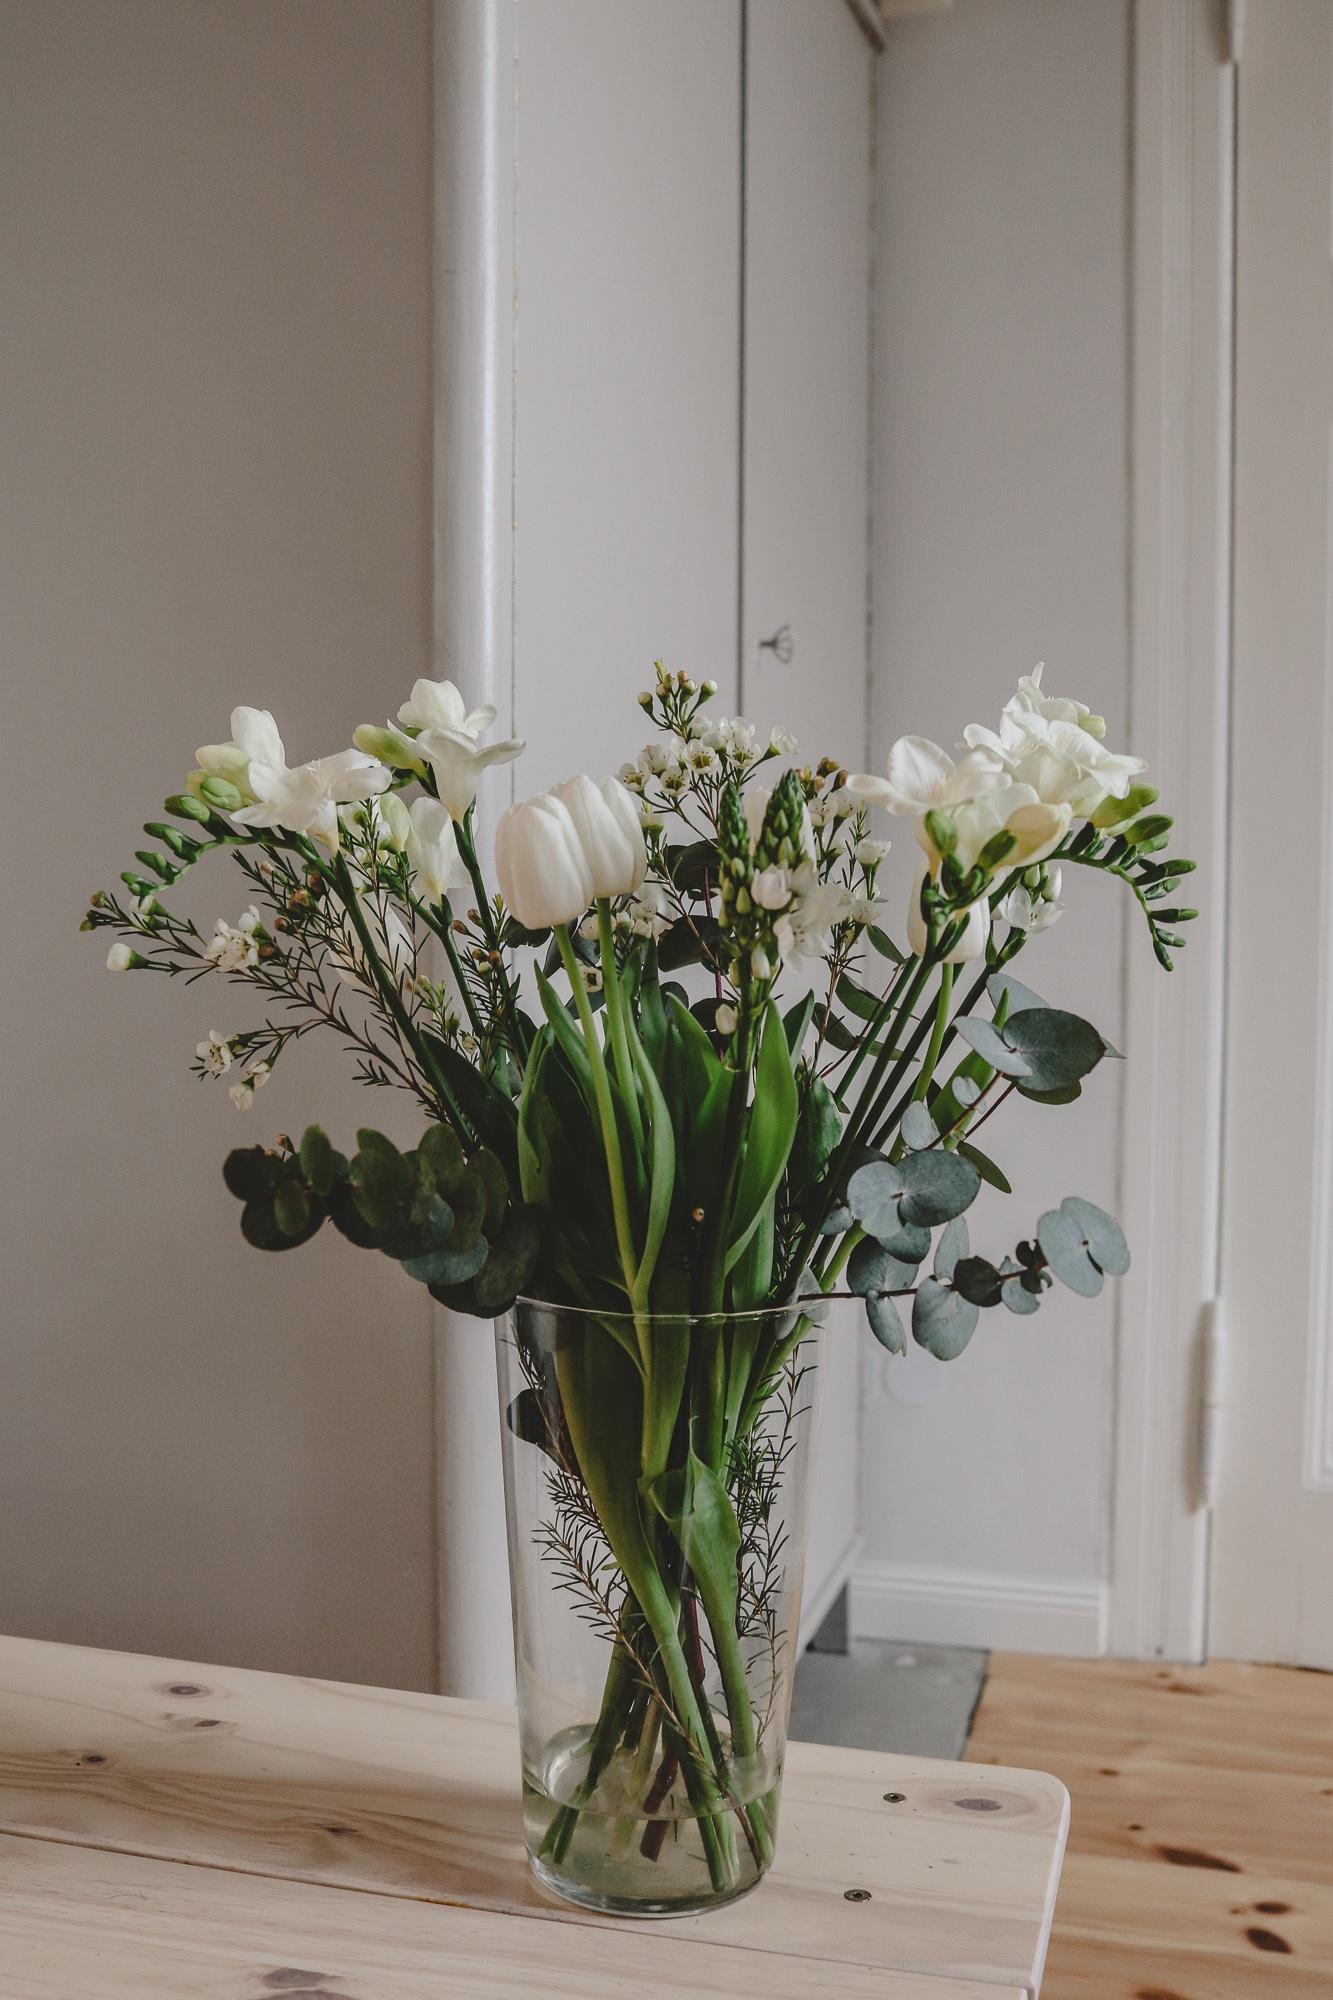 Der Strauß des Monats: Weiße Freesien, Tulpen und Milchsterne |Anzeige, enthält Affiliate Links